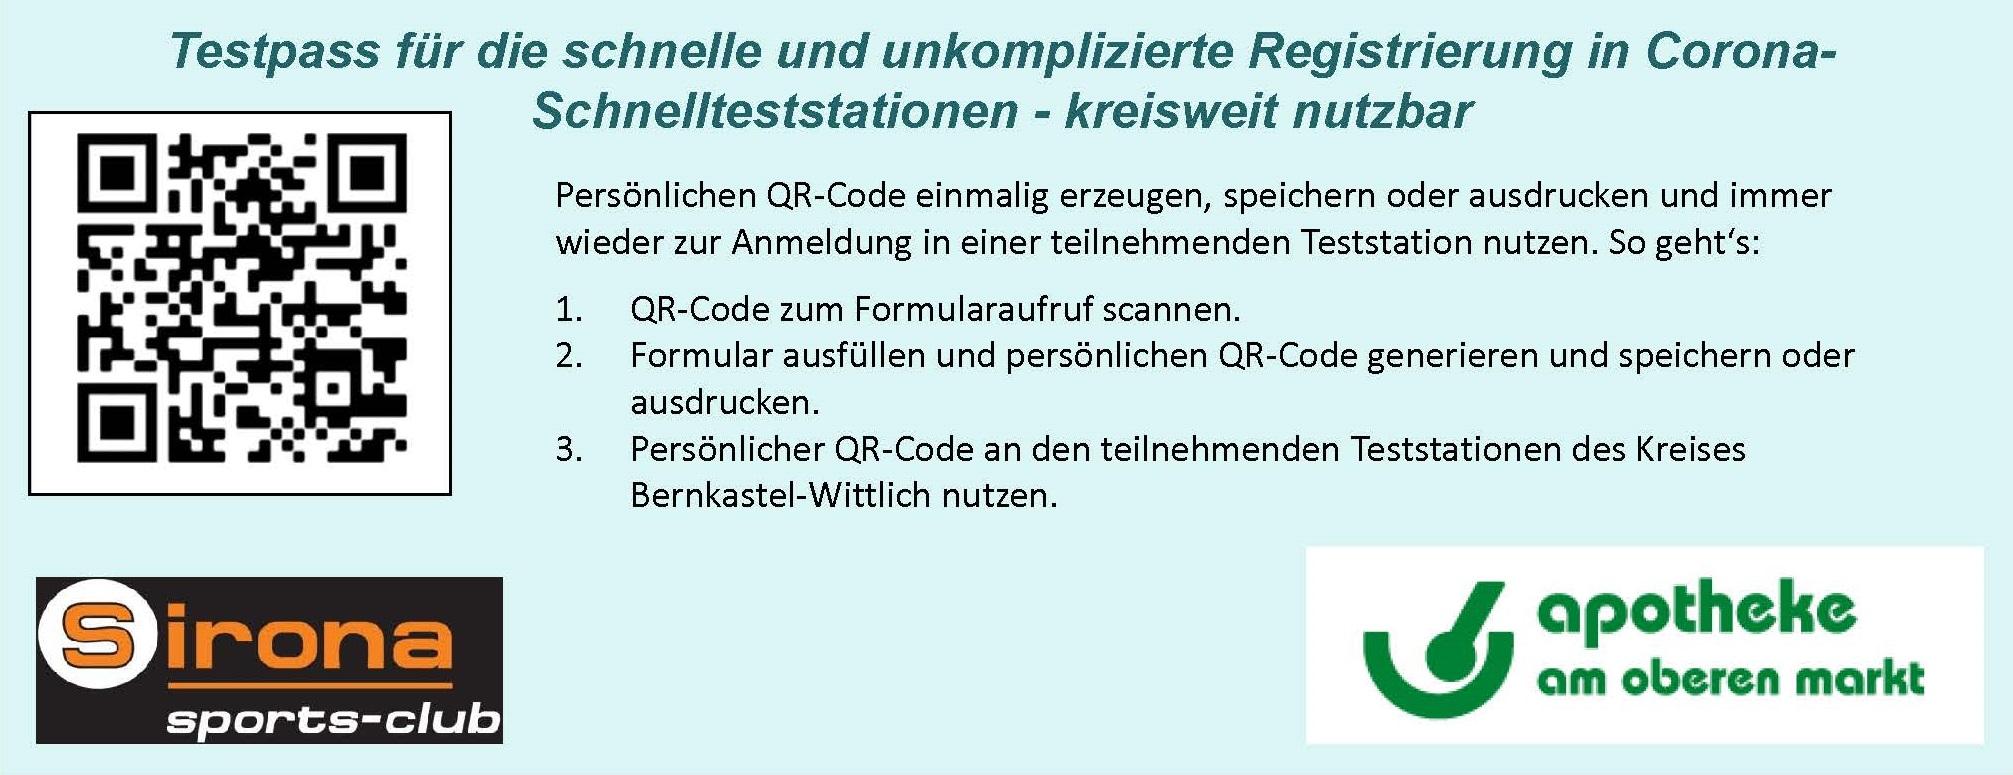 PM_Rundschau_Seite-3_Testzentren_QR_Code